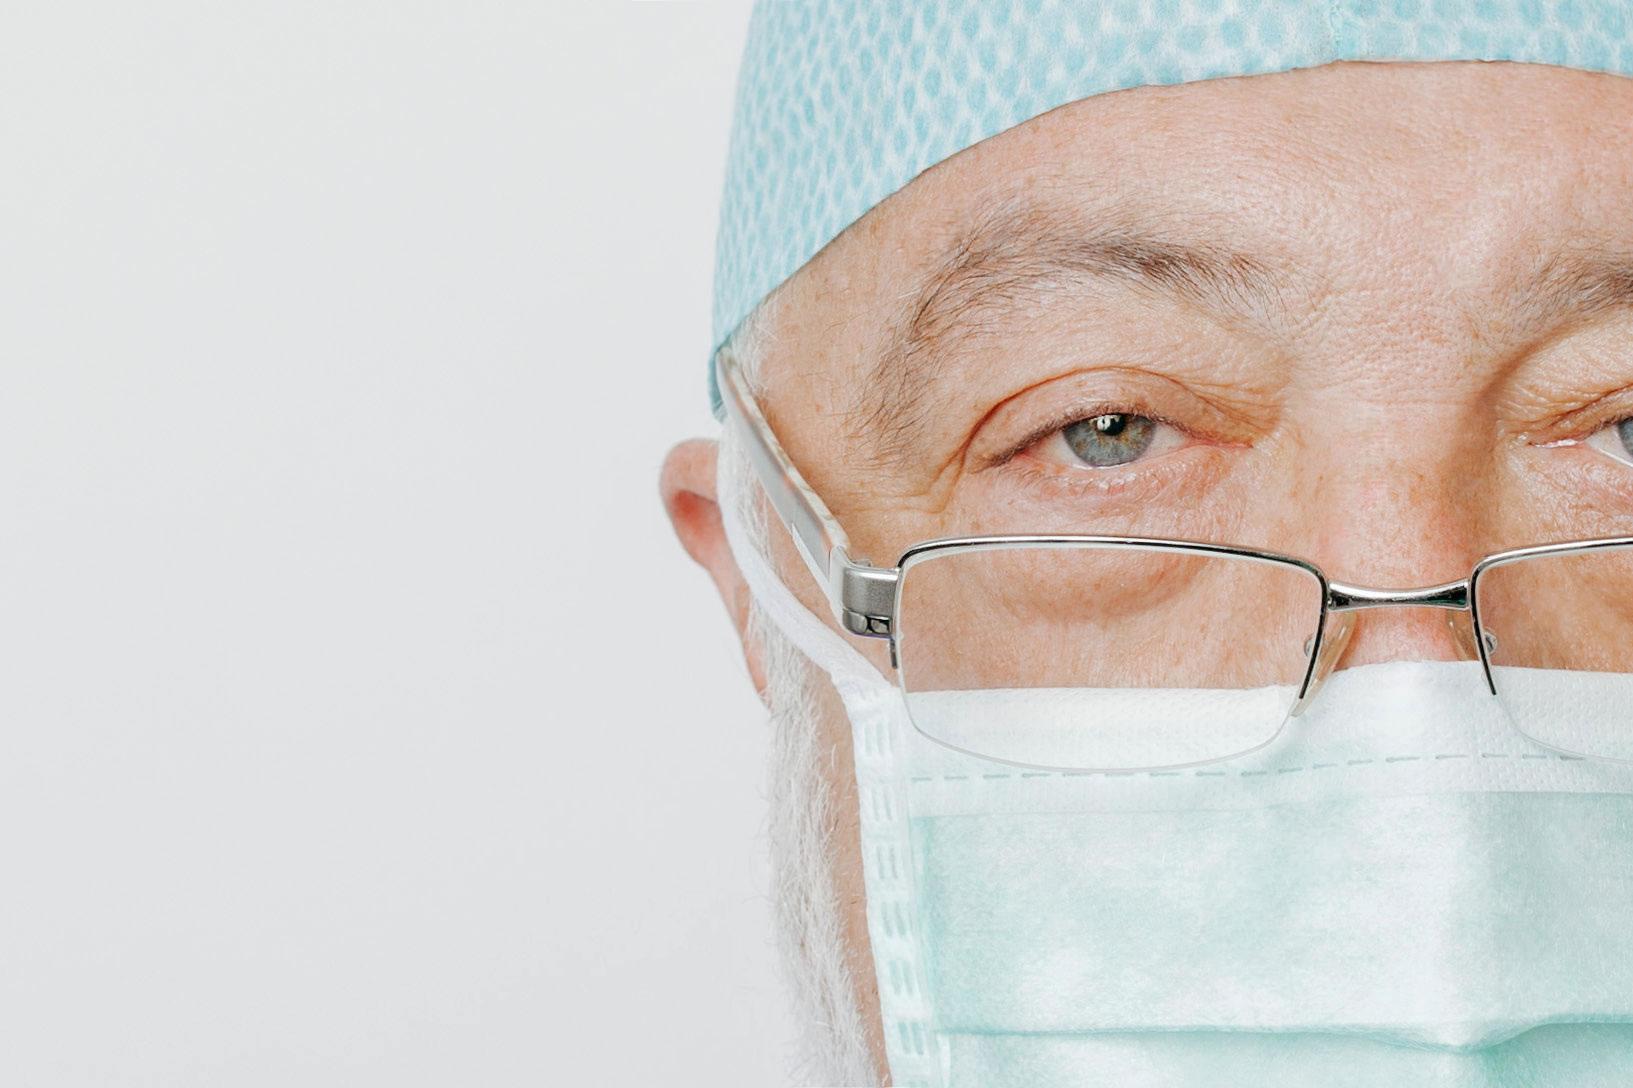 Dr. med. <br />Roman Roitman